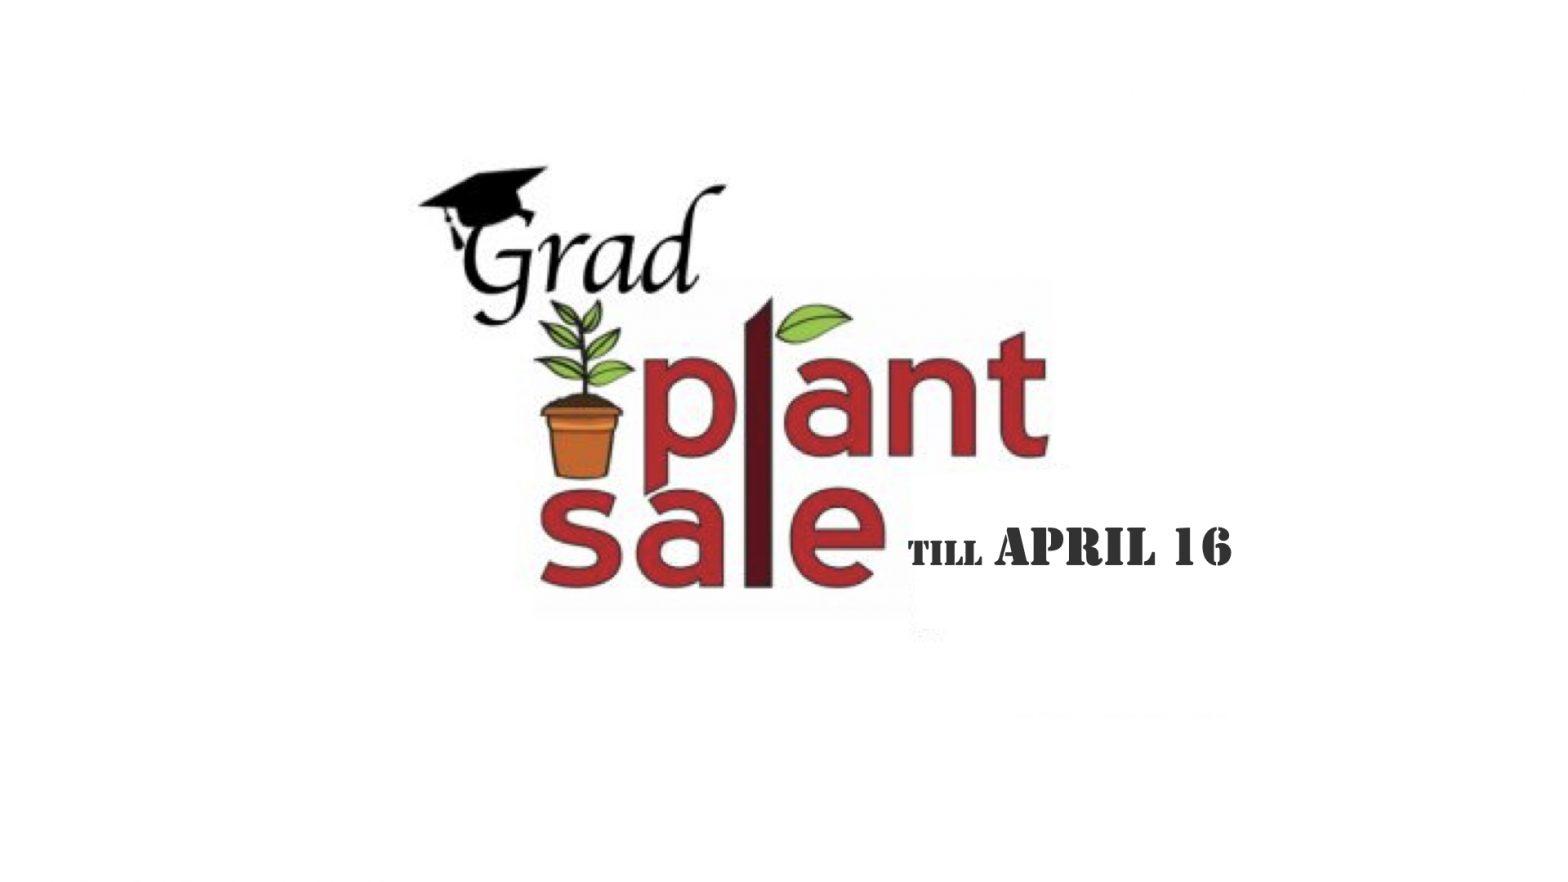 VCS Grad plant sale 2021